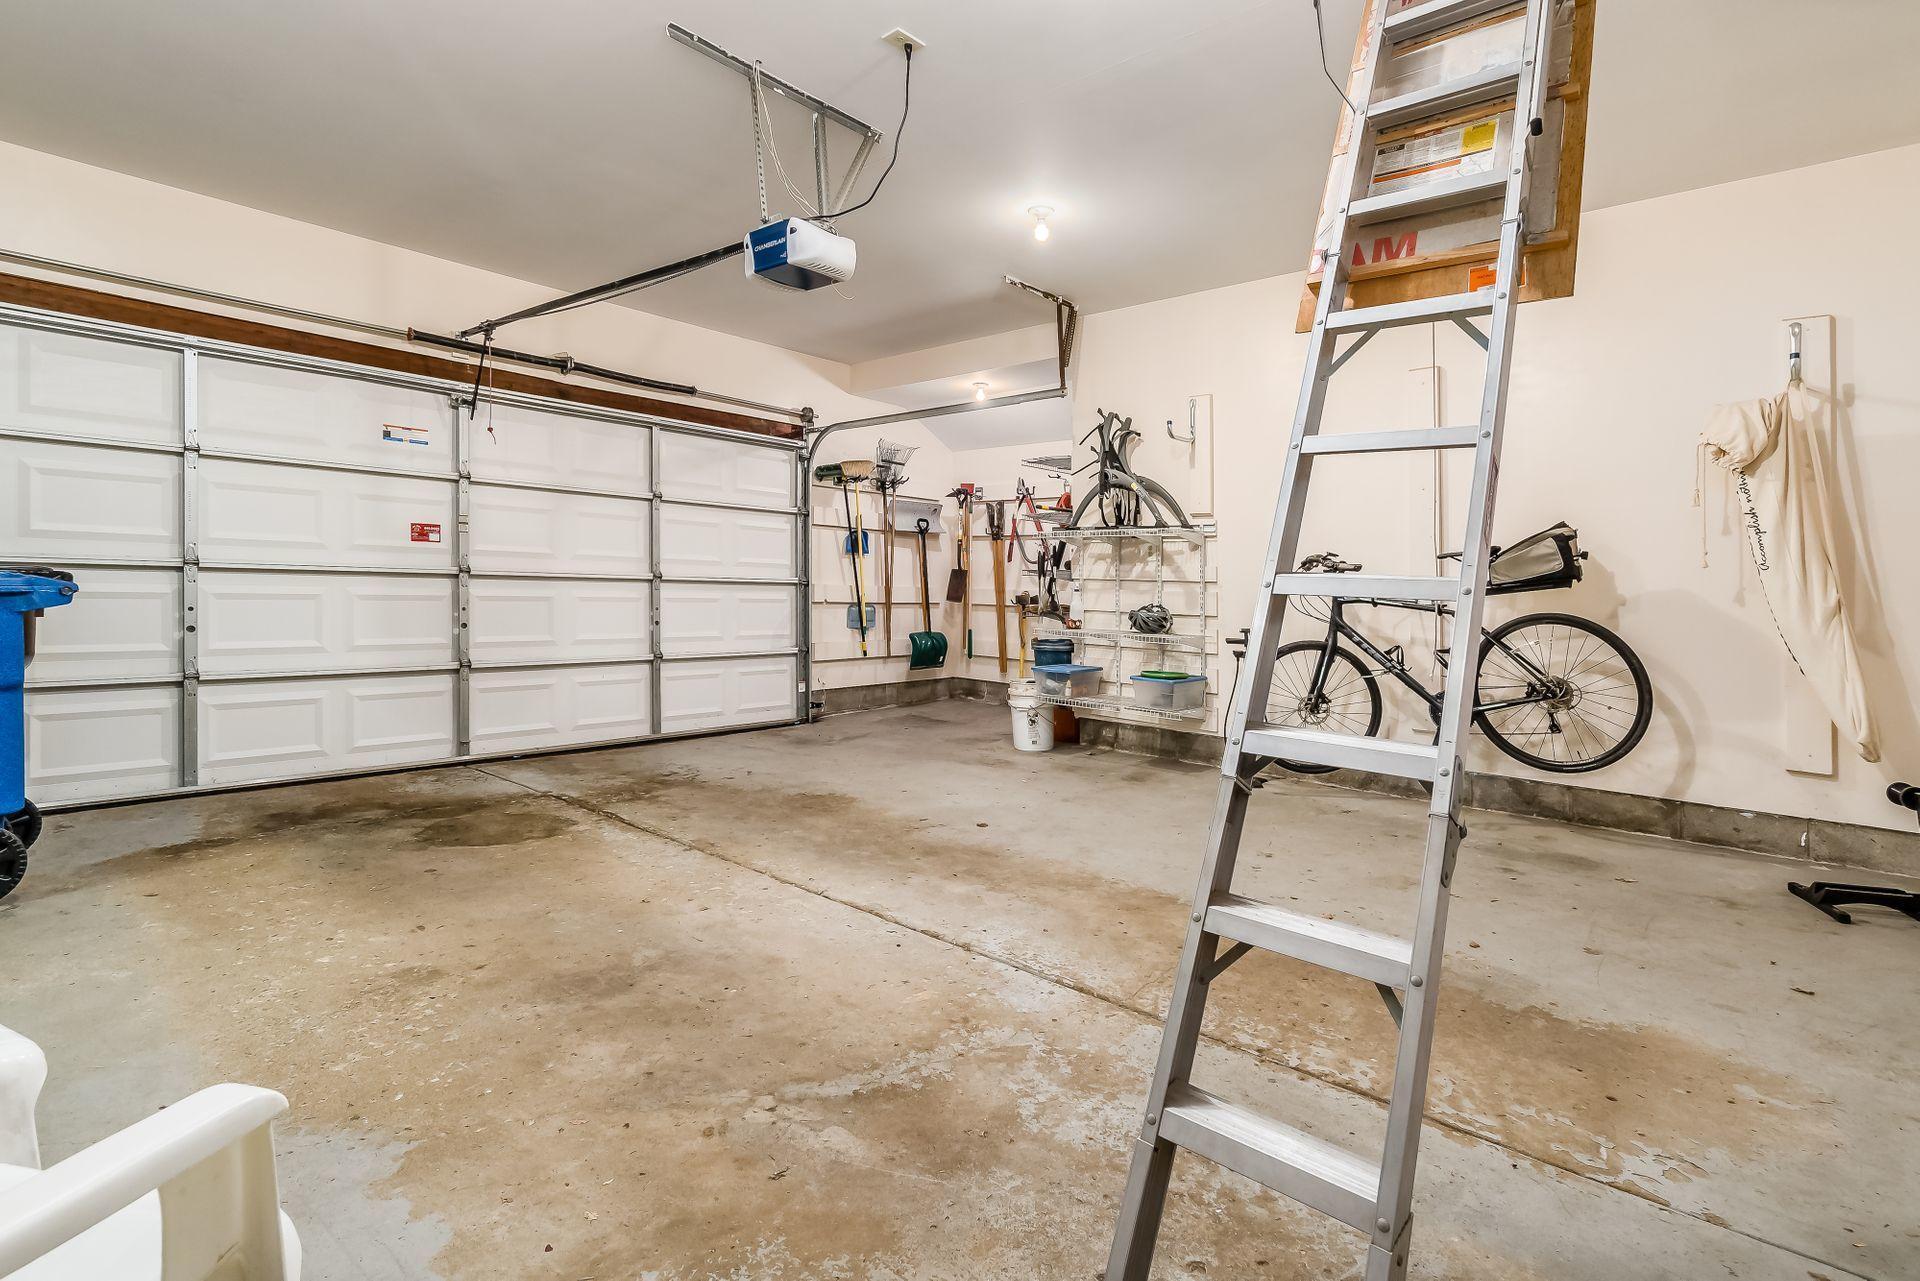 Attic Storage in Oversized Garage